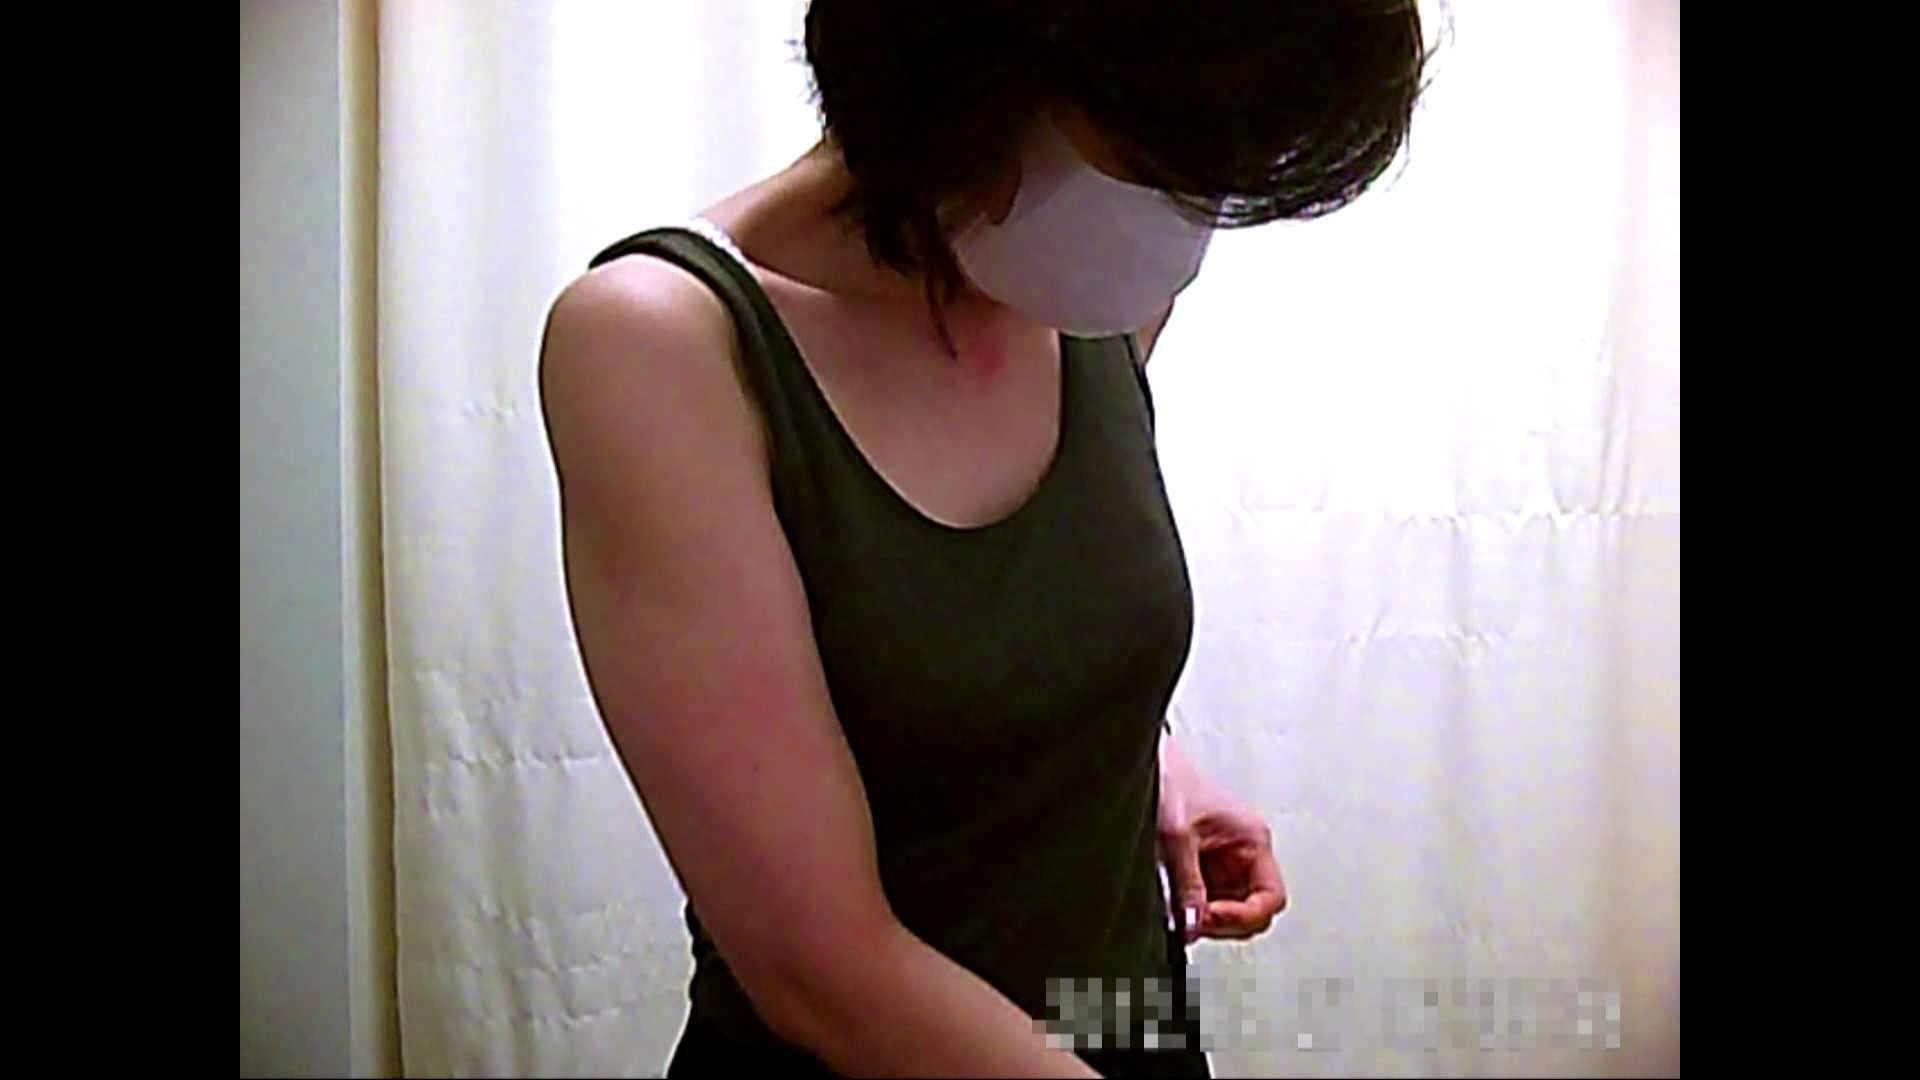 元医者による反抗 更衣室地獄絵巻 vol.006 ギャル達 | お姉さんのSEX  105枚 55